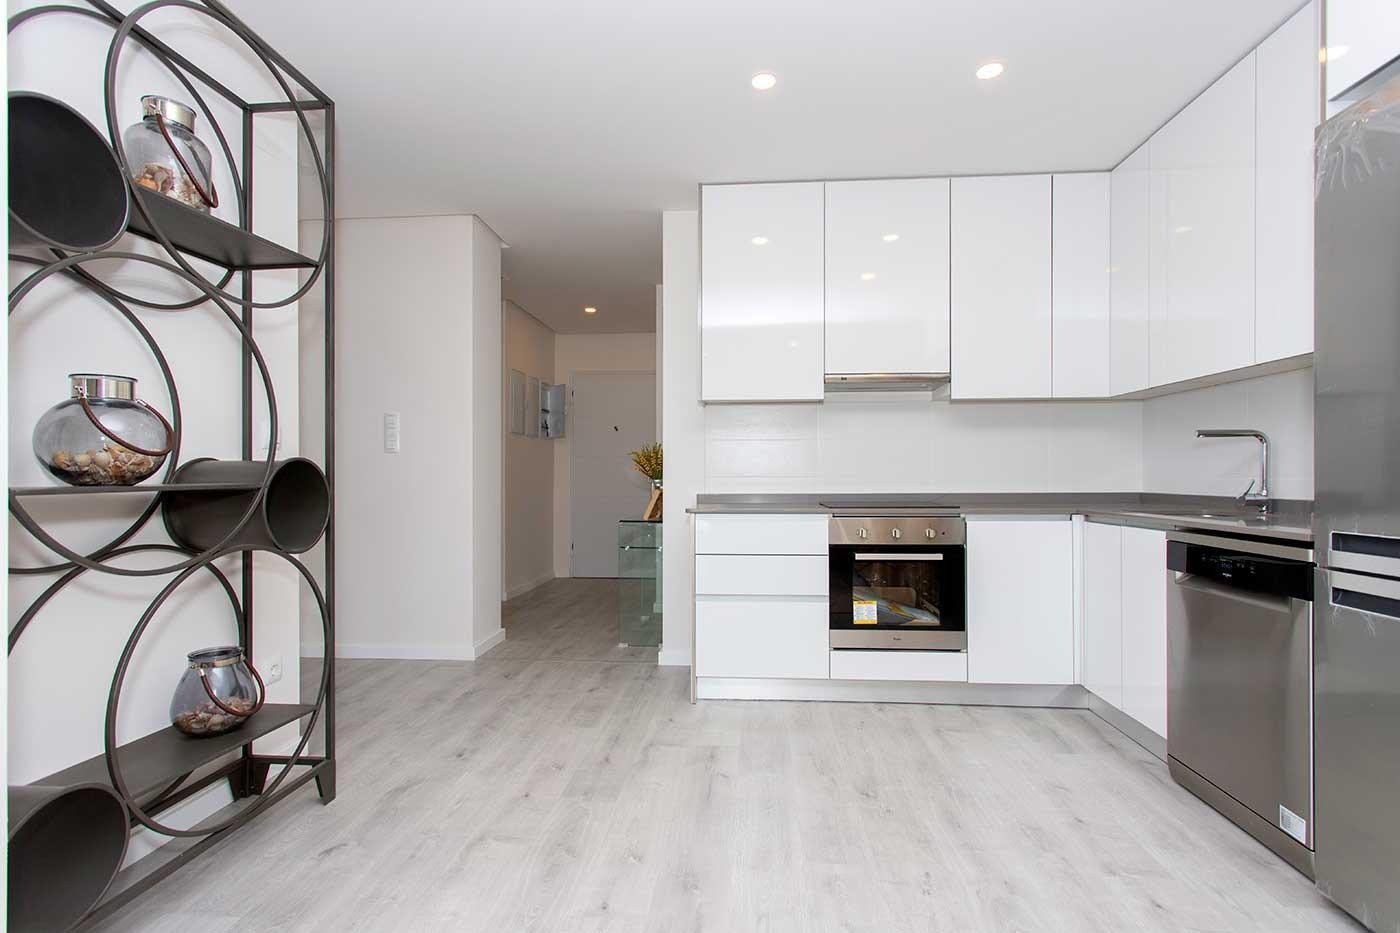 Complejo de estilo moderno con apartamentos de 2,3 dormitorios y 2 baños con amplias terra - imagenInmueble27